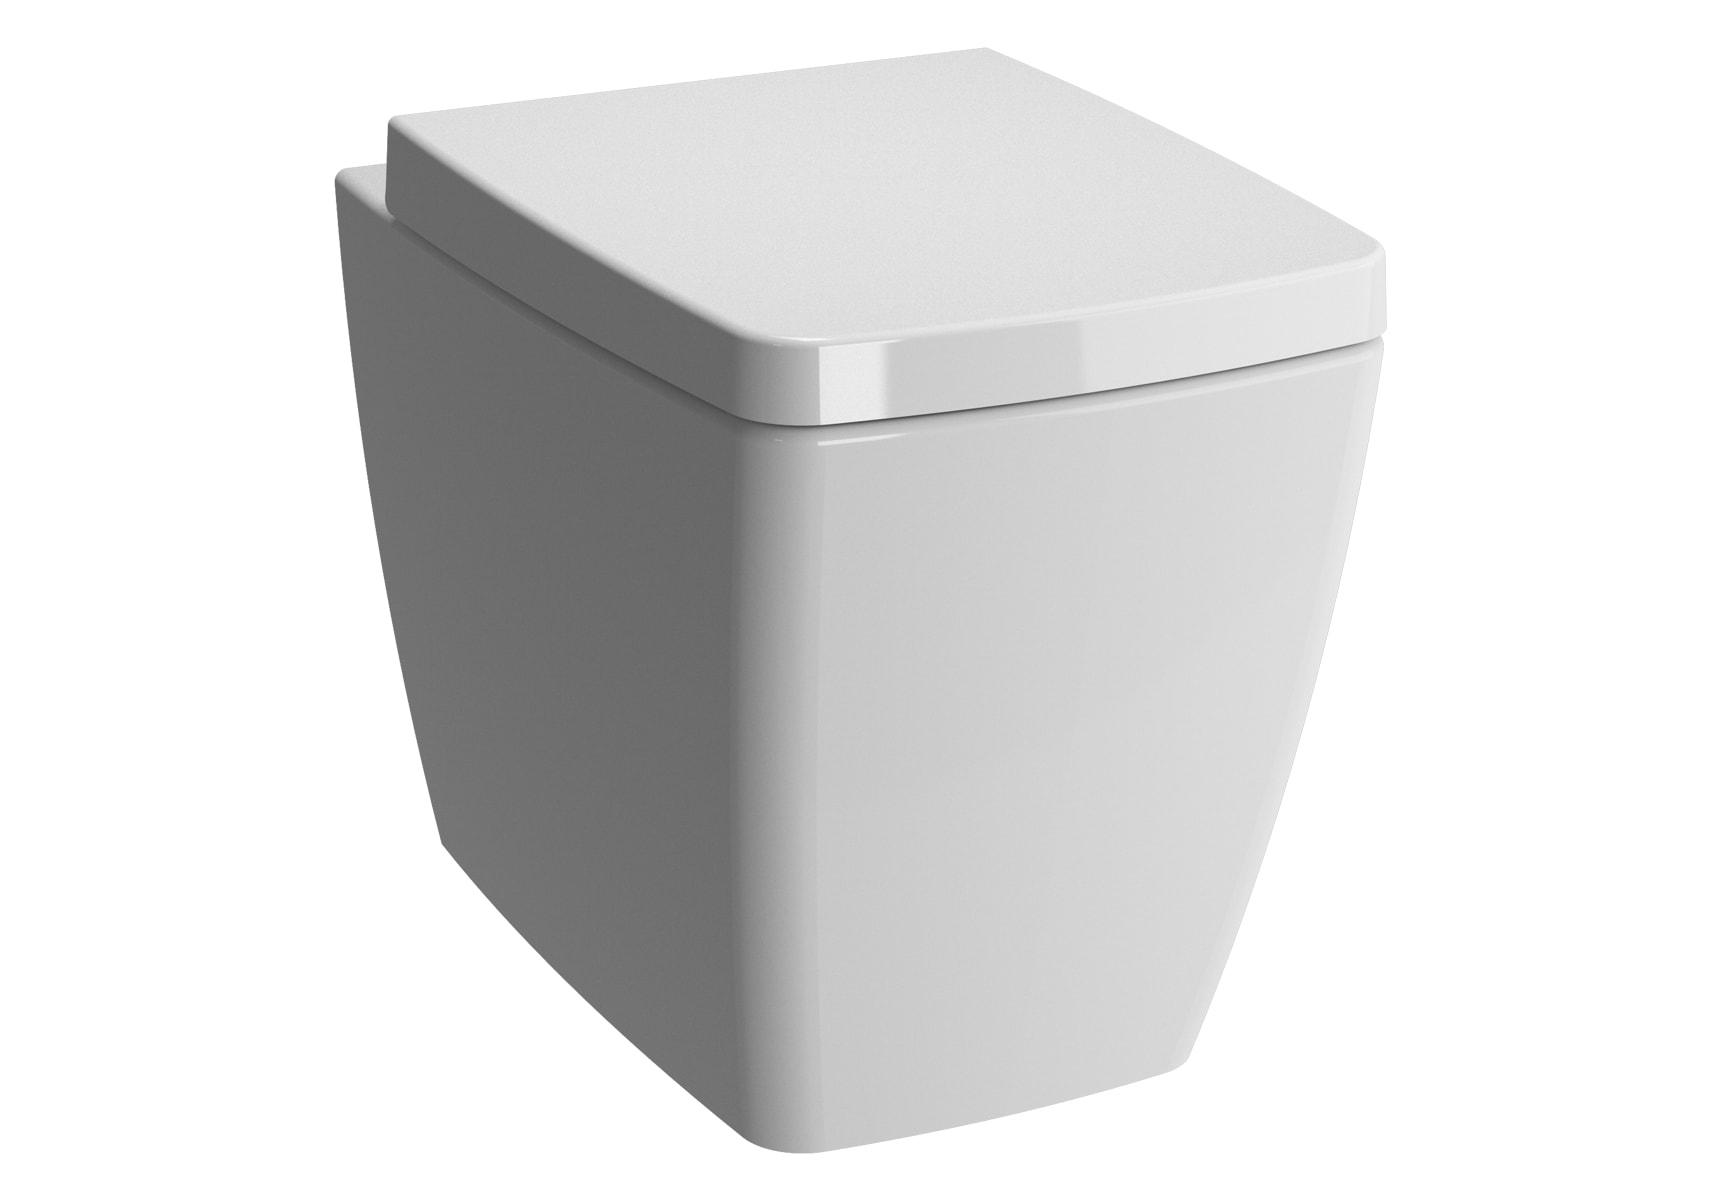 Metropole Single WC Pan